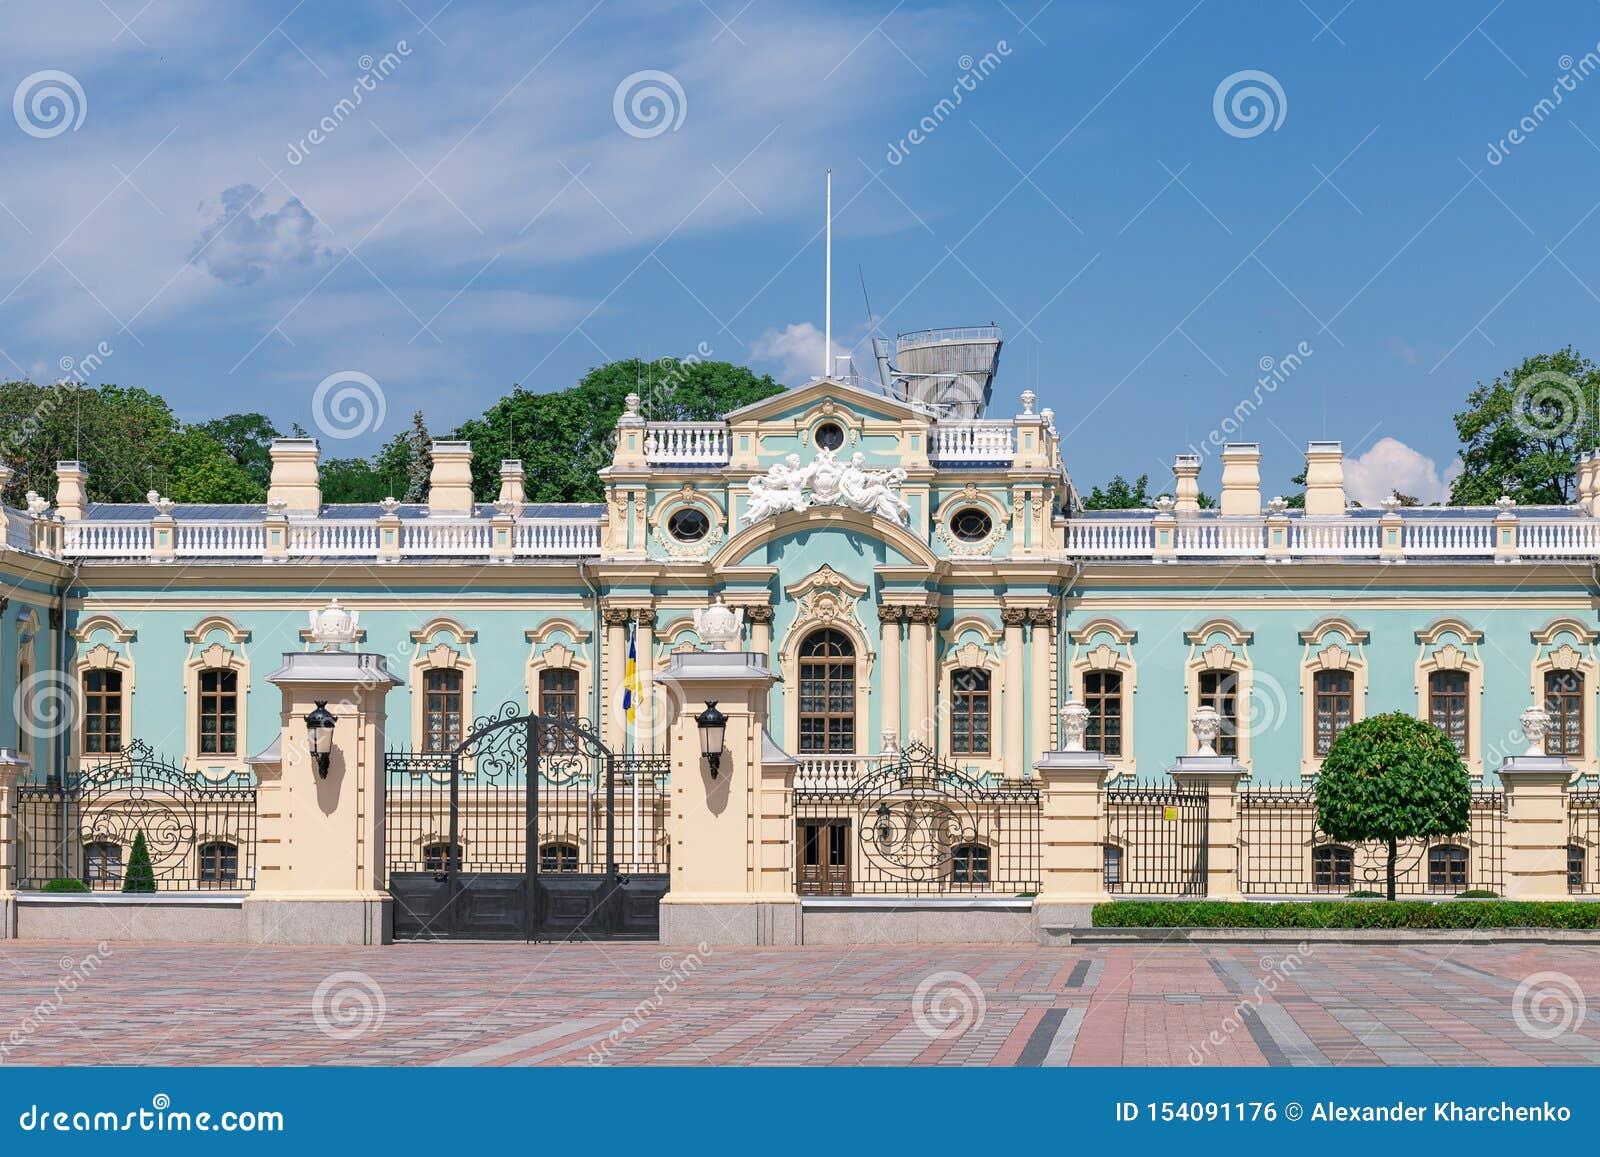 Κίεβο, Ουκρανία - 20 Ιουλίου 2019: Παλάτι Mariinsky Κατοικία του Προέδρου της Ουκρανίας